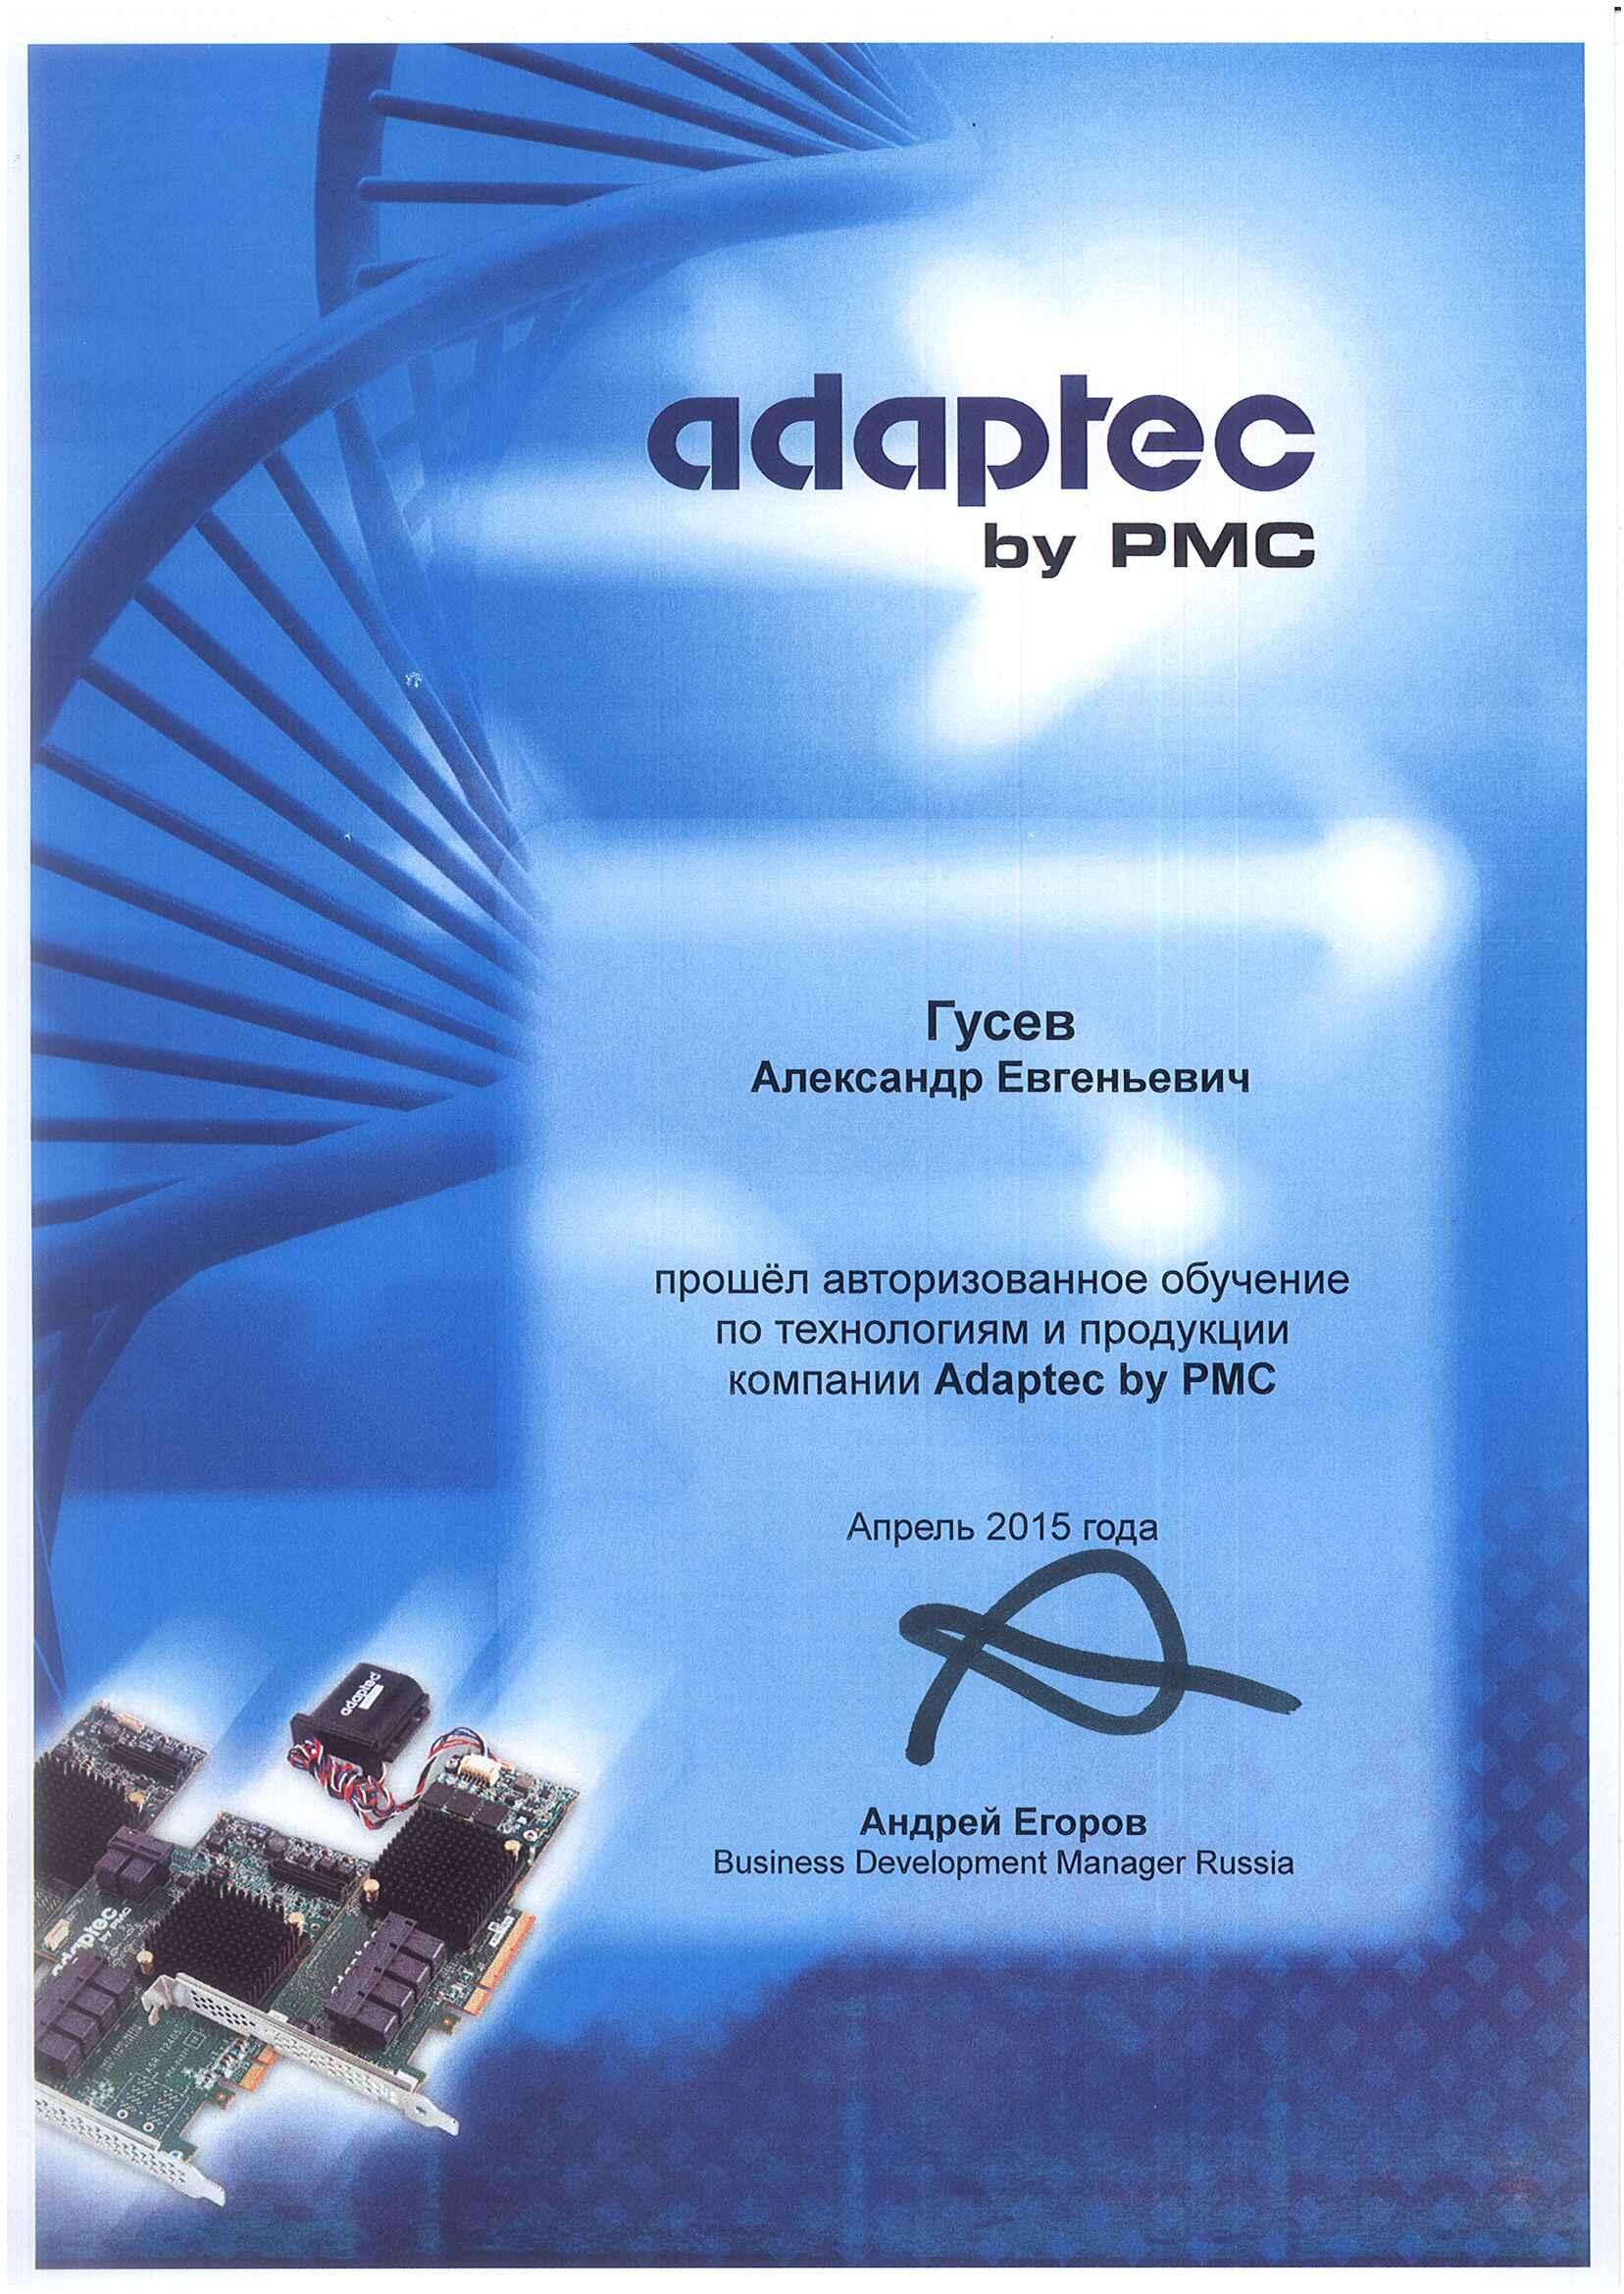 Сертификат Adaptec-Гусев Александр Евгеньевич